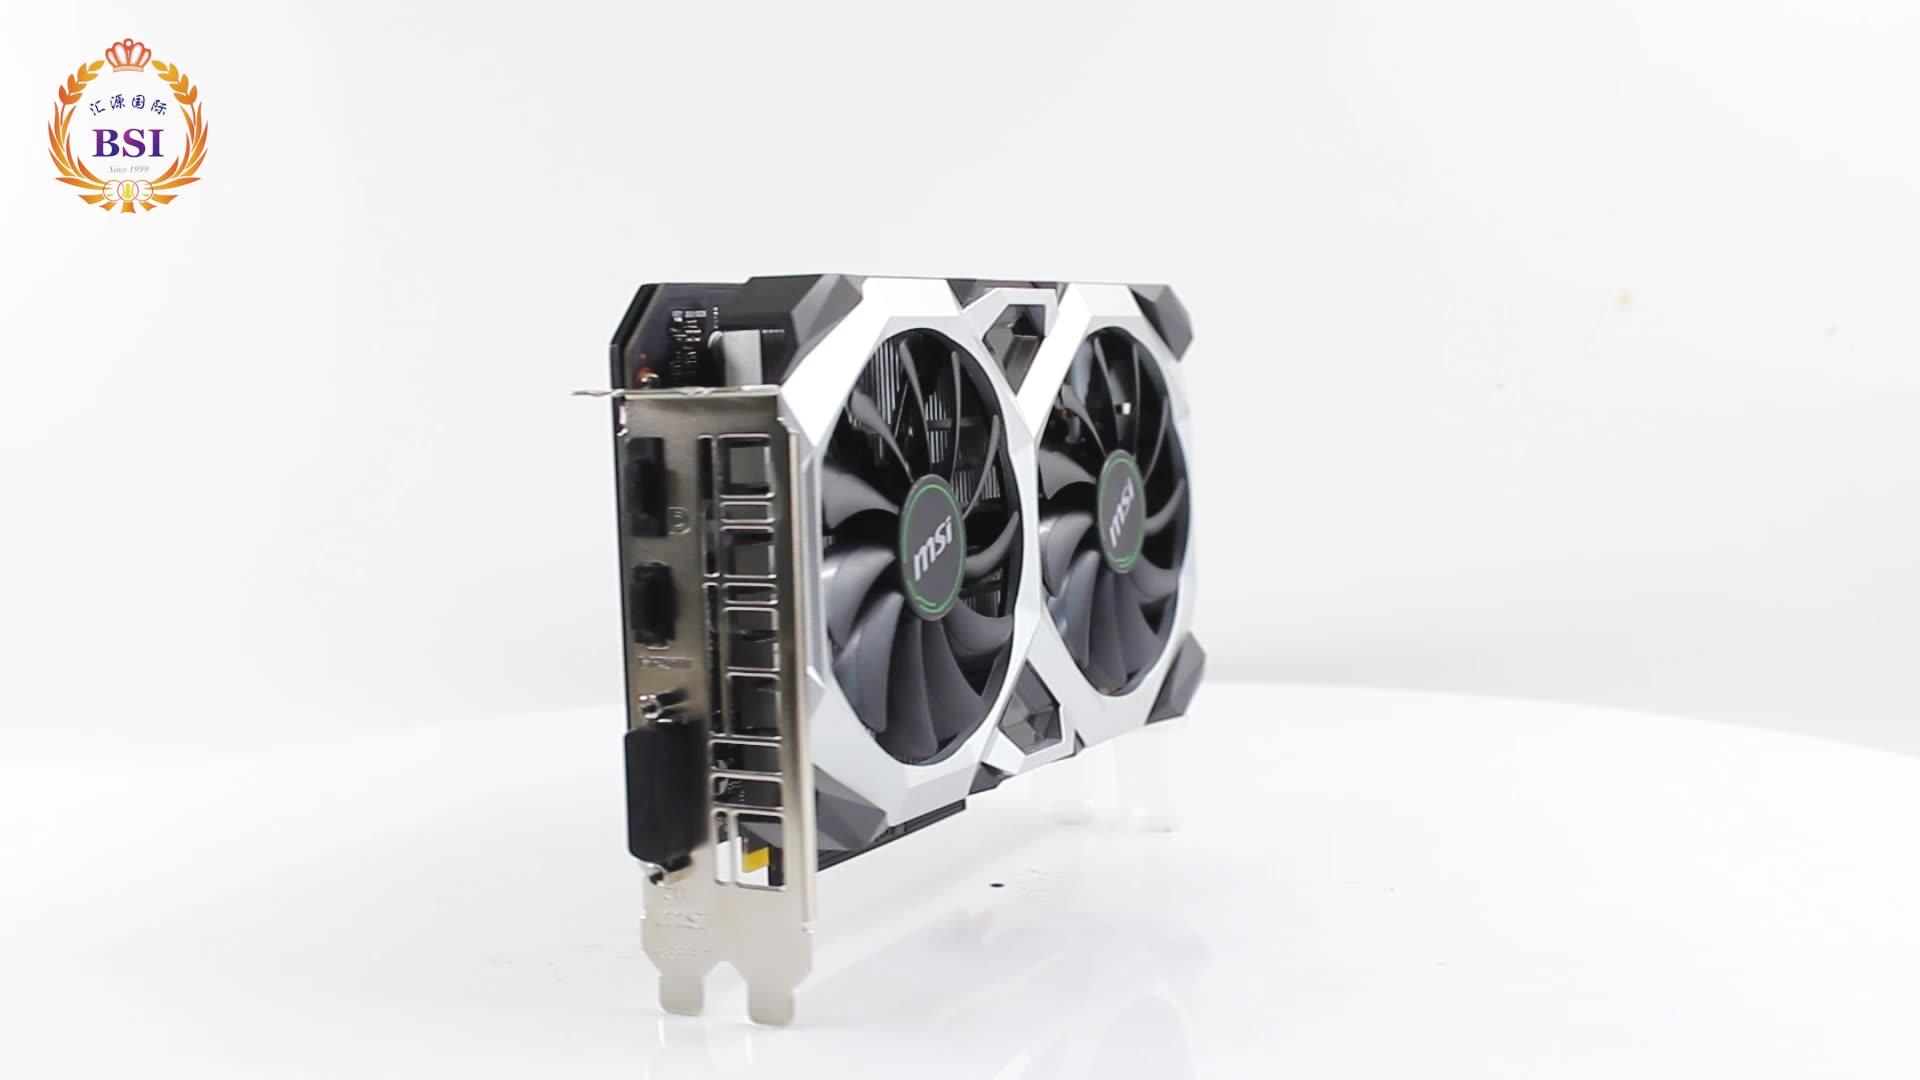 다채로운 지포스 GTX 1050 Ti 4GB GDDR5 14nm 128Bit GeForce 그래픽 카드 GPU 게임이나 ETH Zec 동전